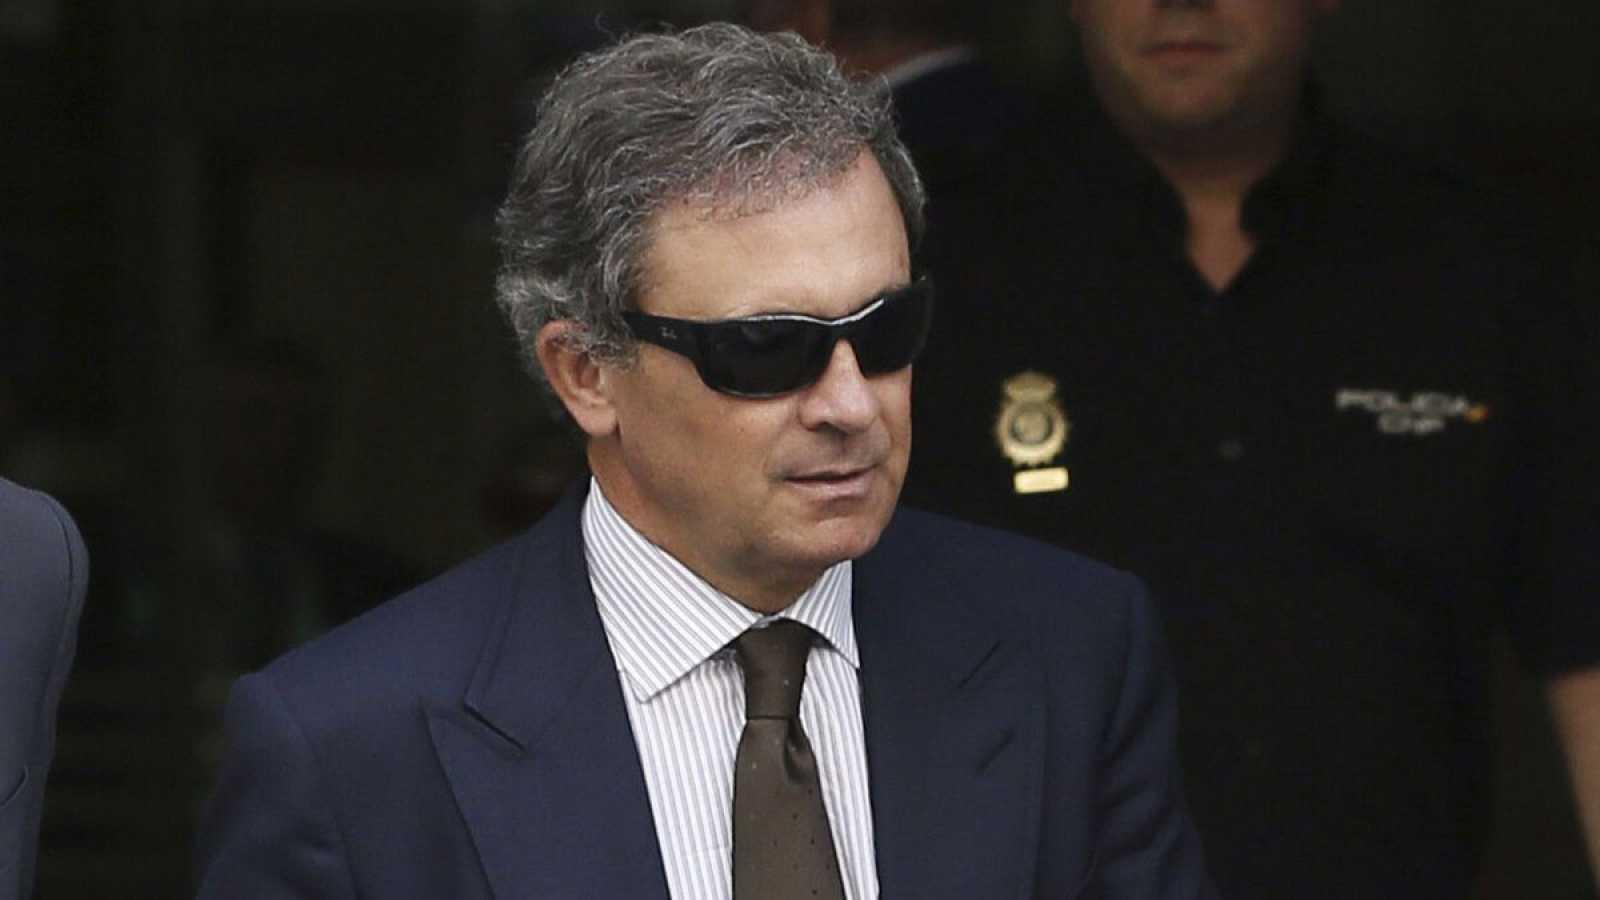 En el caso que investiga el origen de la fortuna de los Pujol, la Audiencia Nacional ha pedido a Andorra información sobre cuatro cuentas bancarias que presuntamente tenía Jordi Pujol Ferrusola, el hijo mayor del expresidente de la Generalitat...Habr